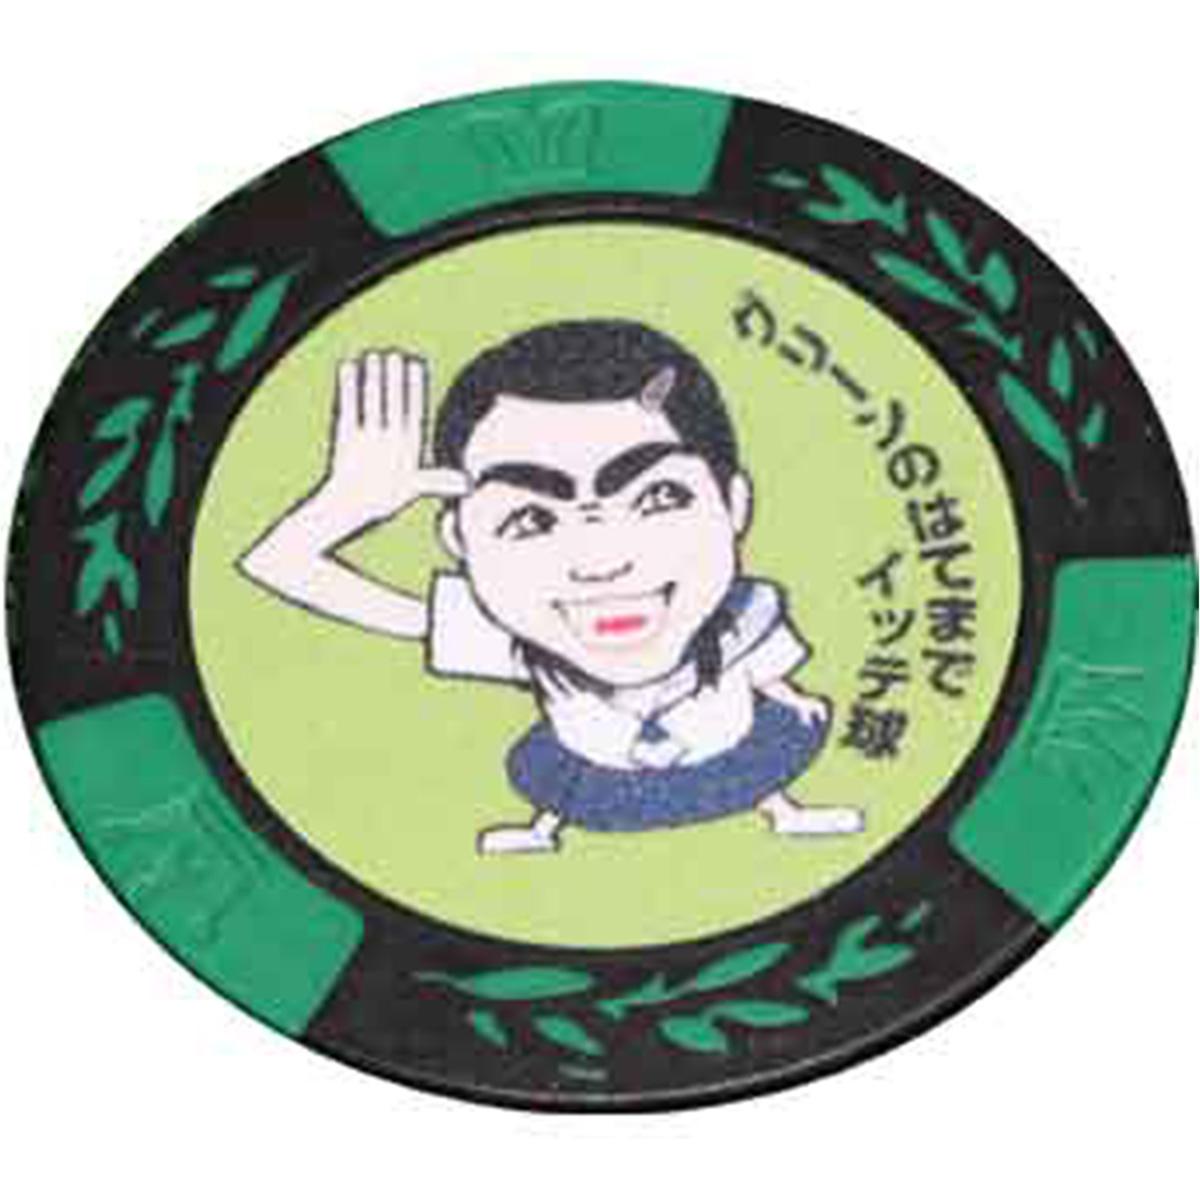 グリーンの果てまでイッテ球 カジノチップマーカー